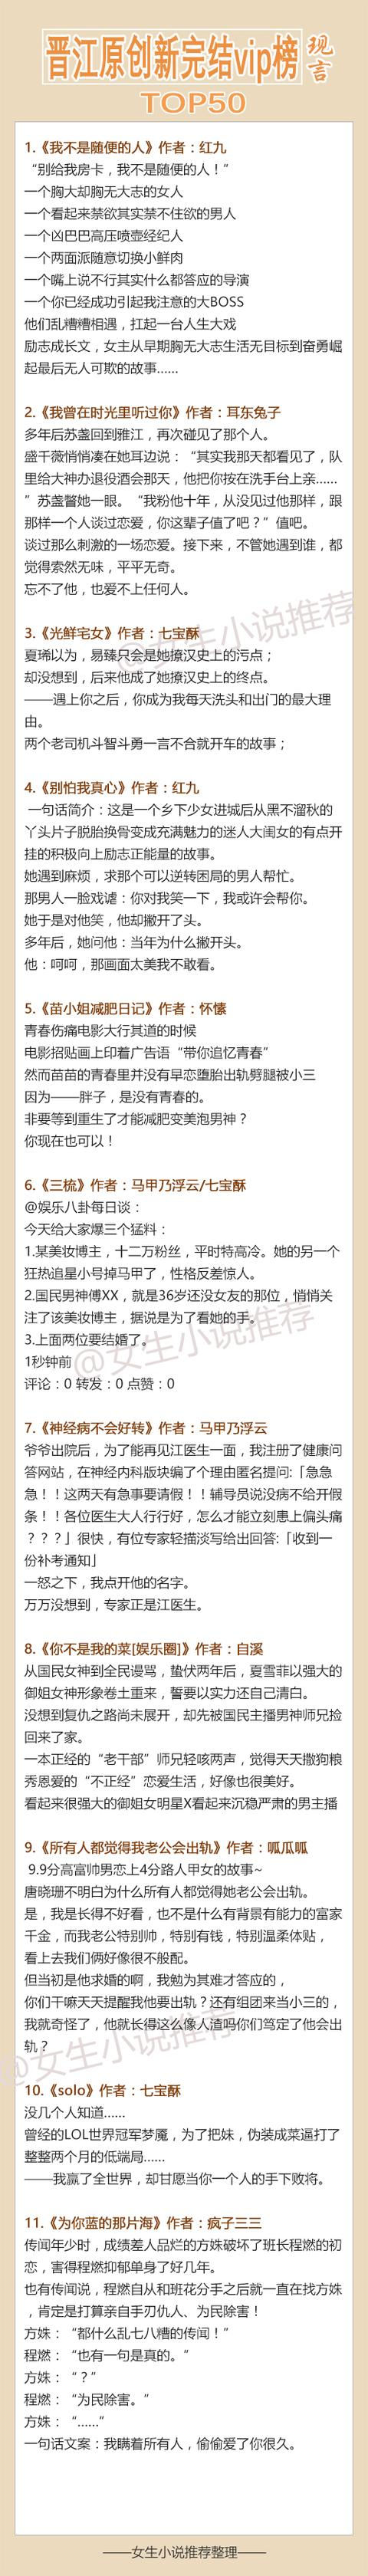 最新晉江VIP完結現代言情小說top50,50本現言解決書荒 - 每日頭條